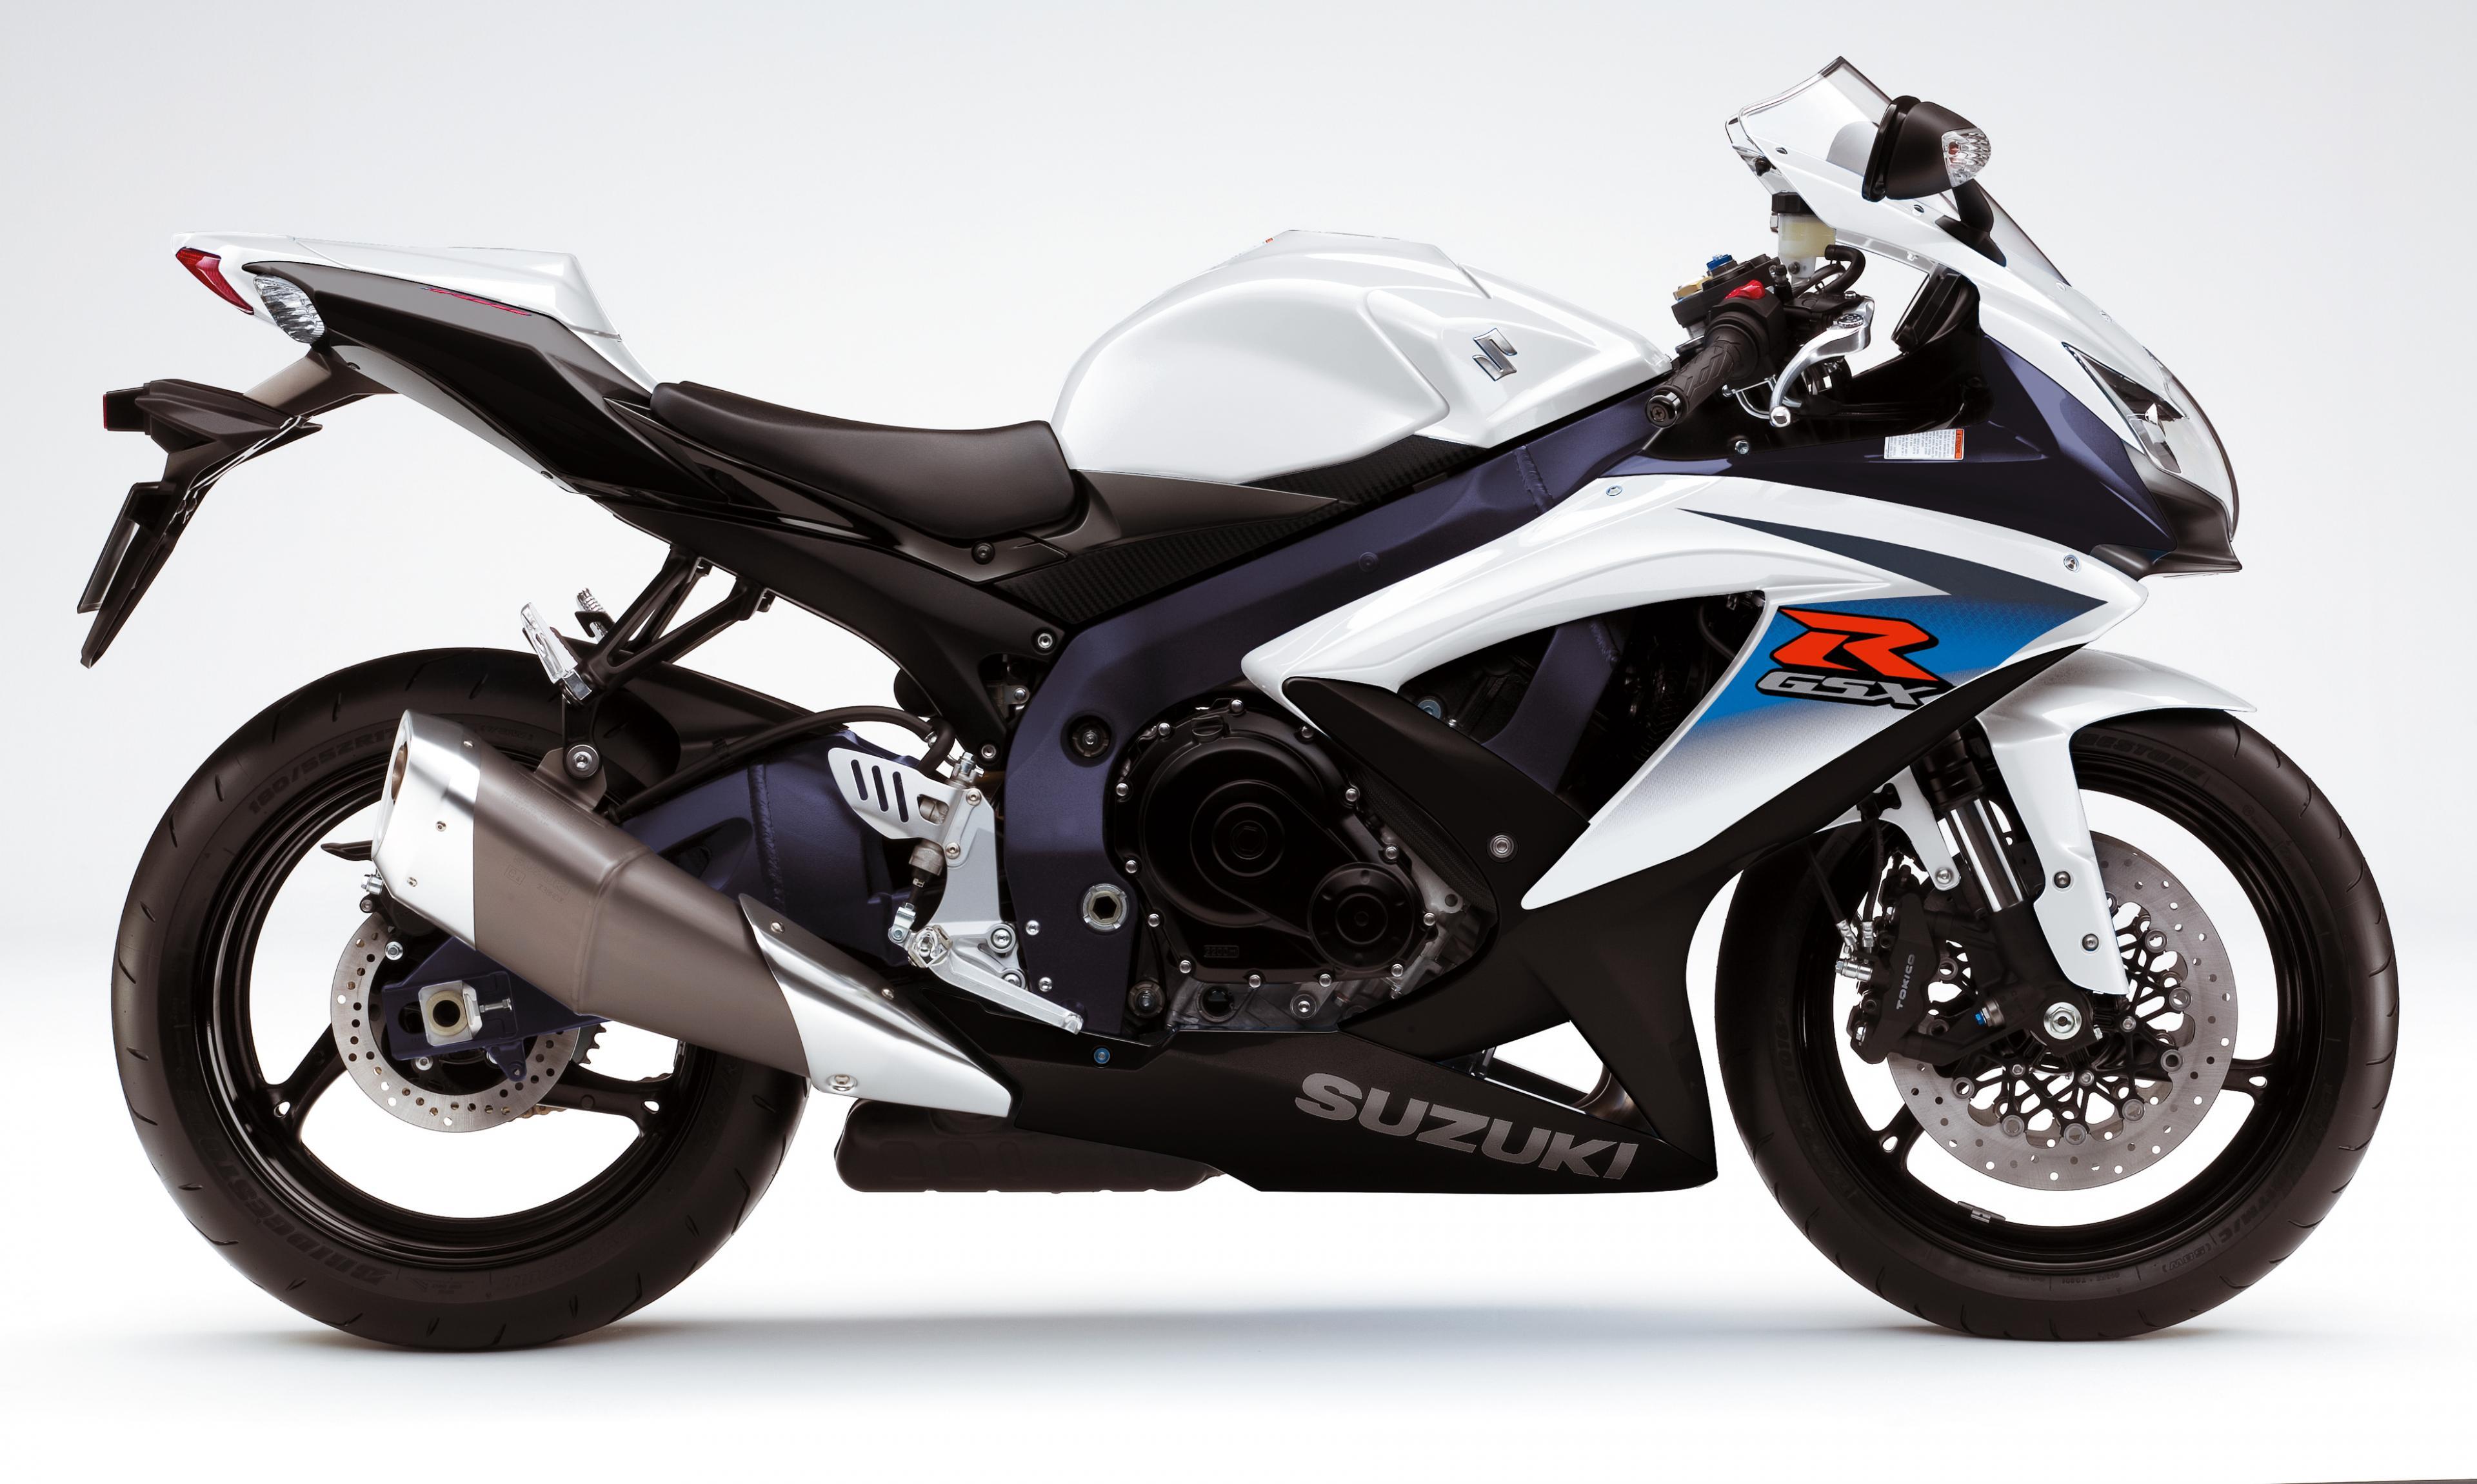 For Sale: Suzuki GSX-R750 • The Bike Market